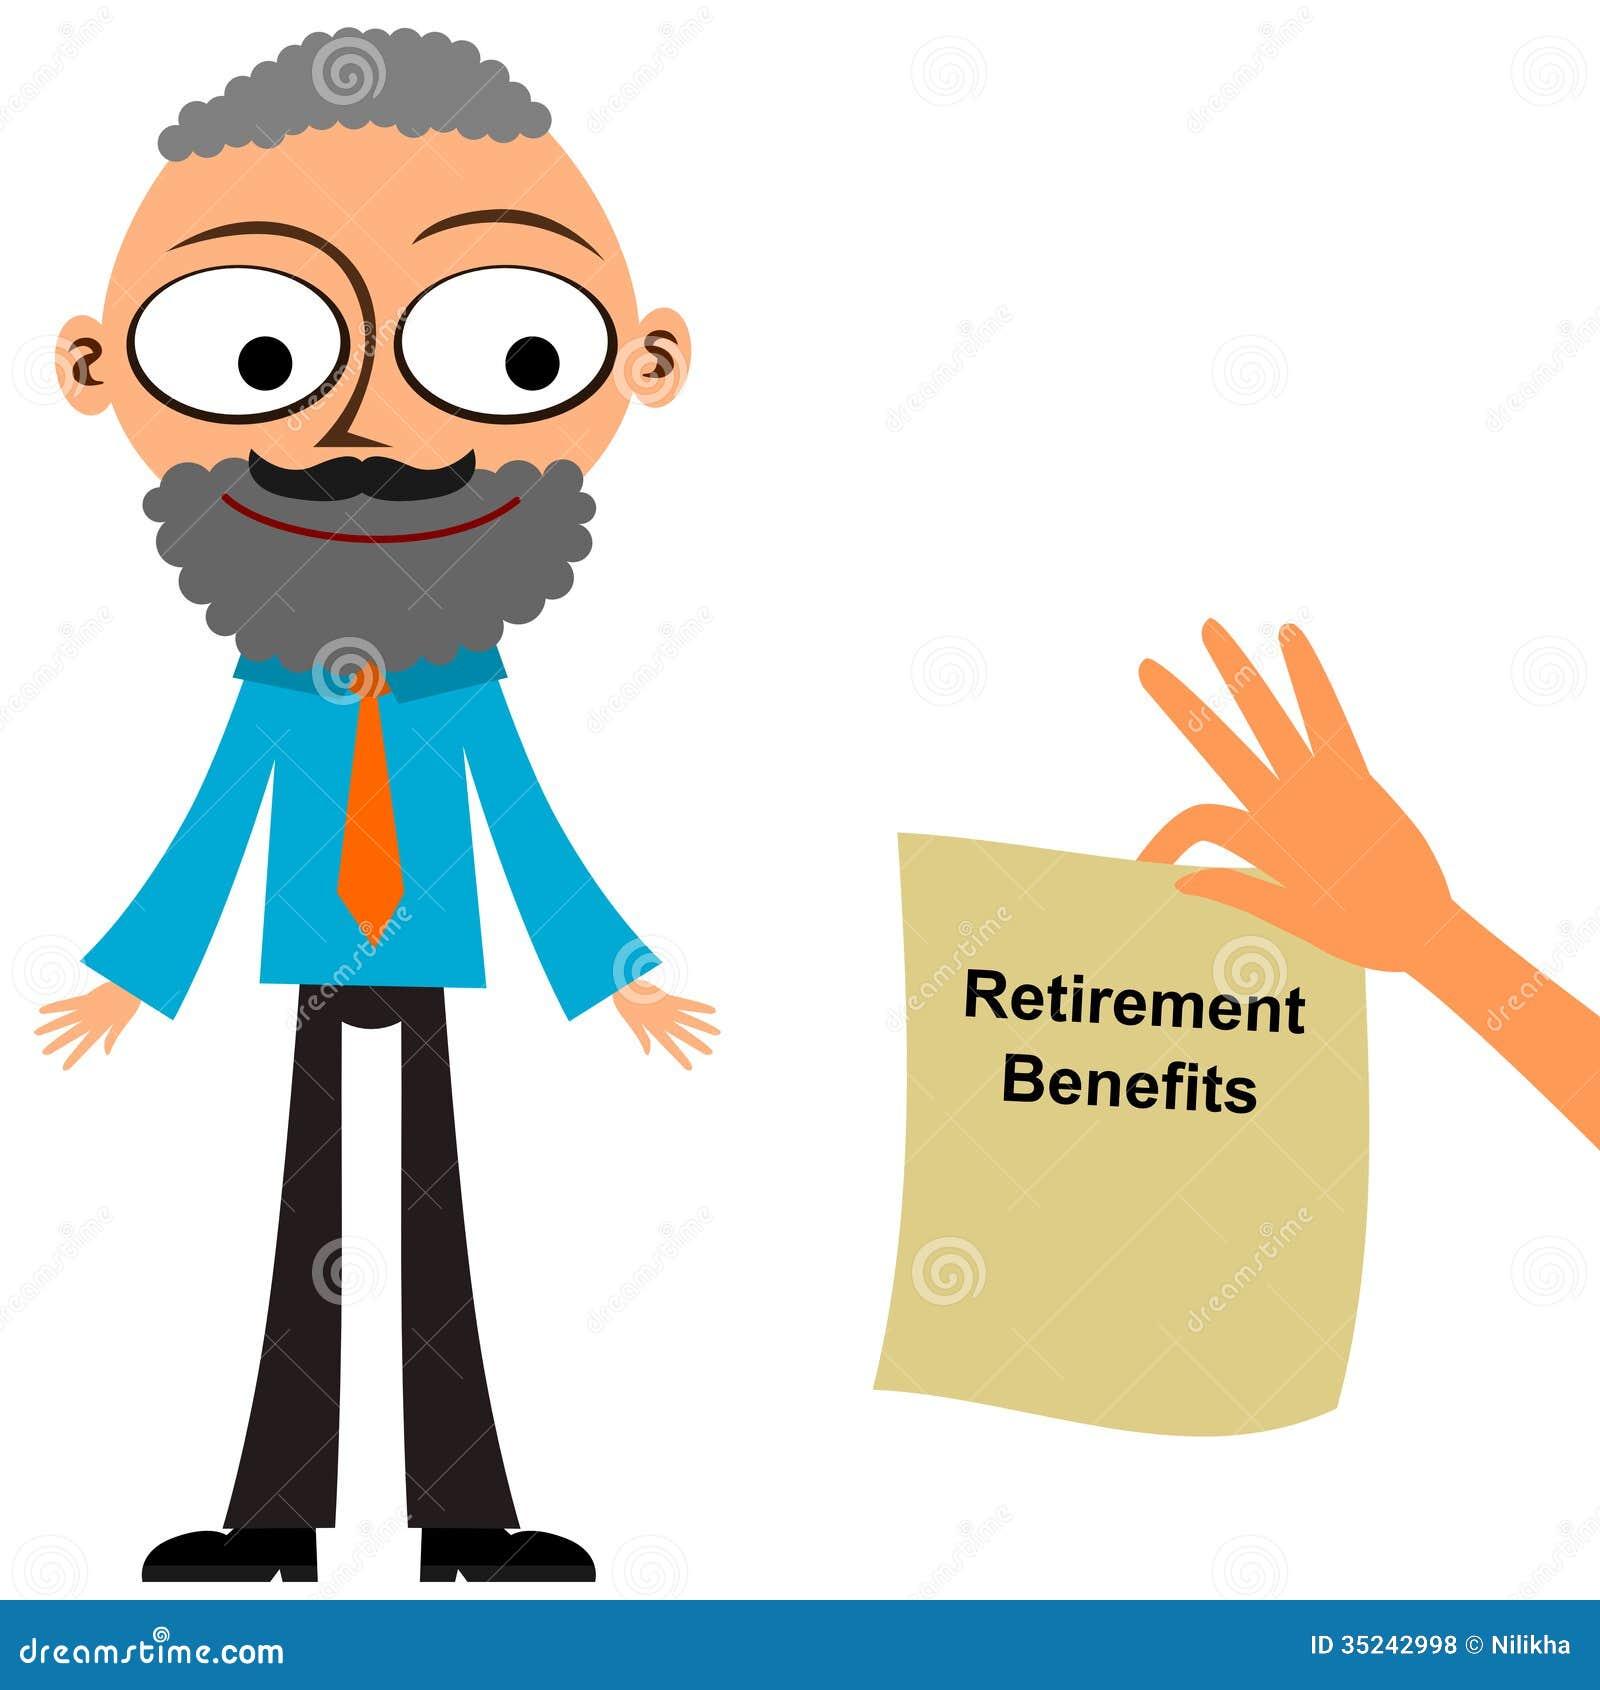 пенсии по старости: